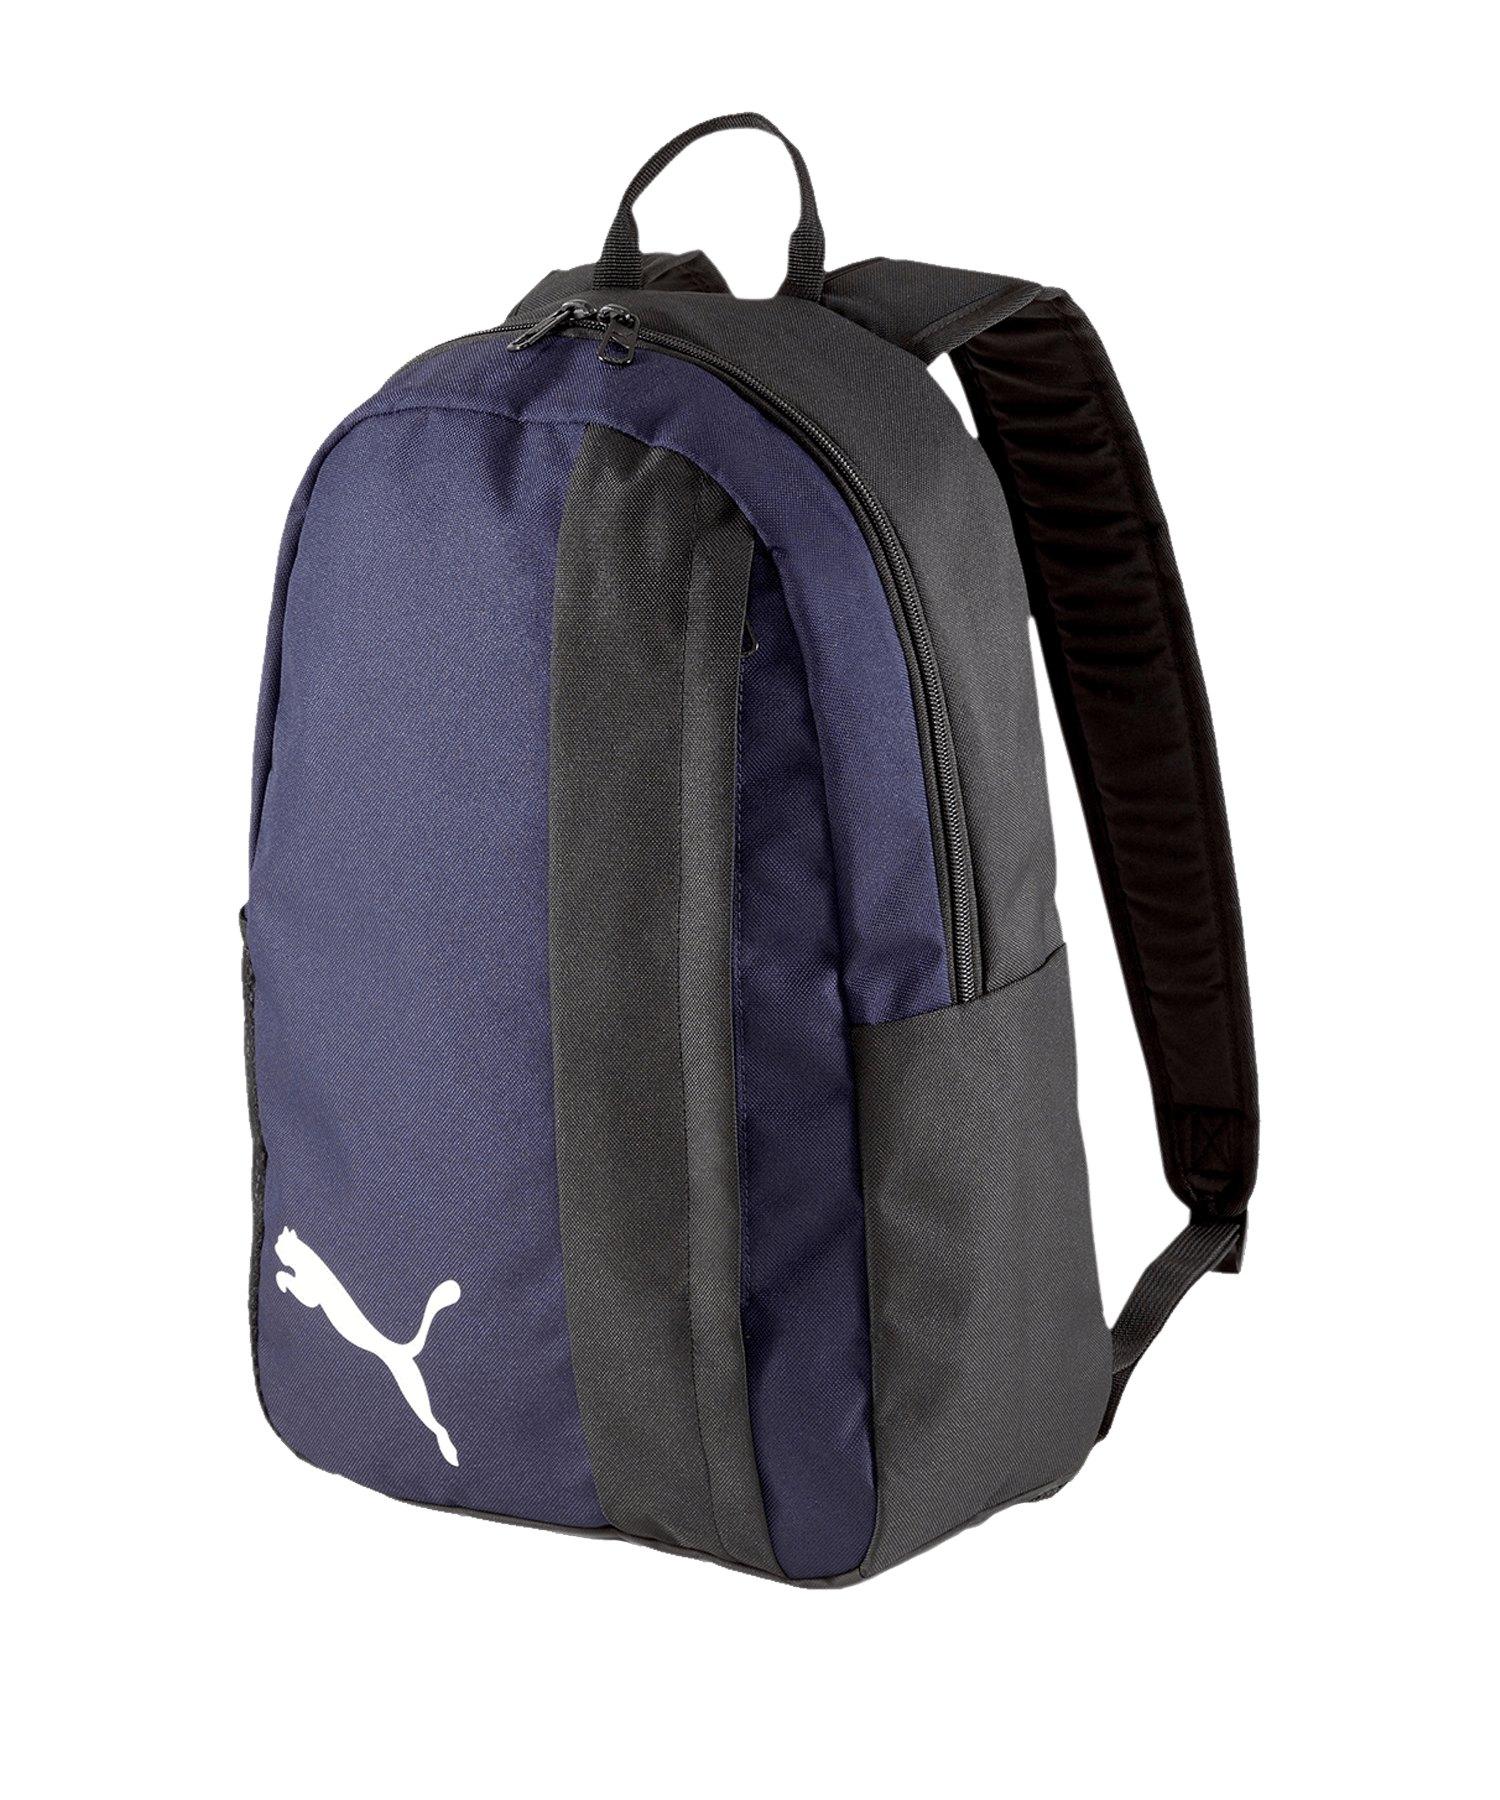 PUMA teamGOAL 23 Backpack Rucksack F06 - schwarz